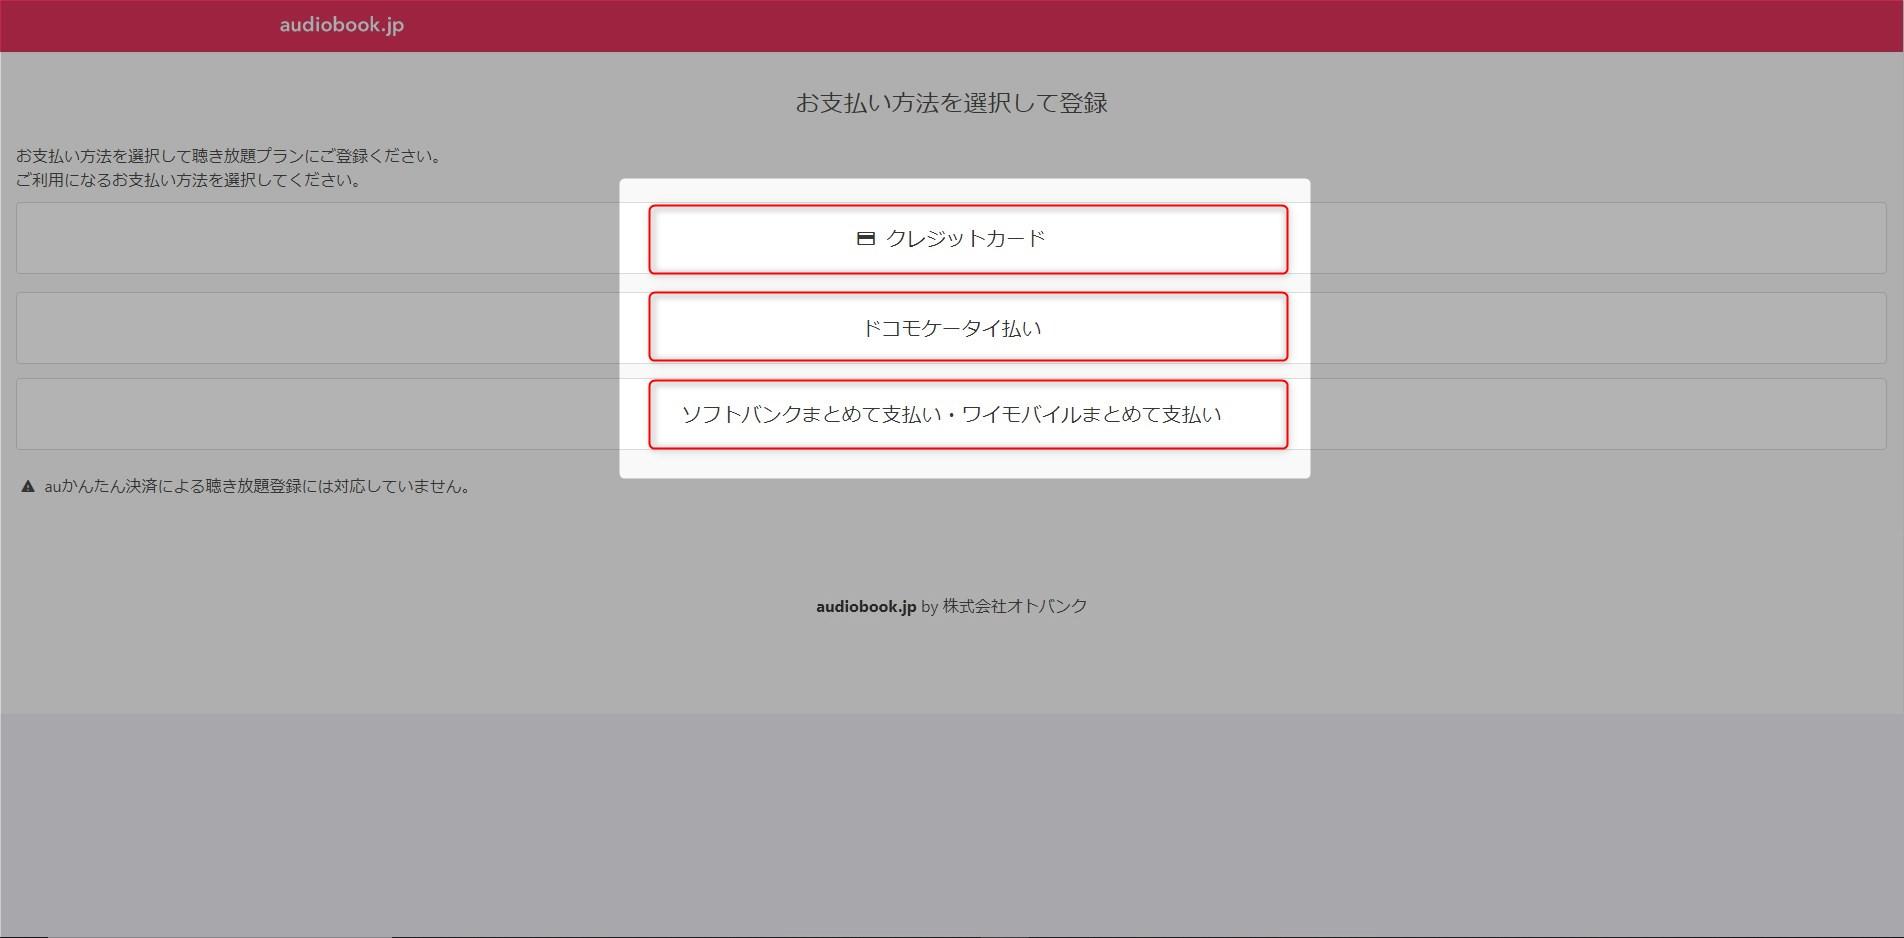 audiobook.jpサイト支払い方法